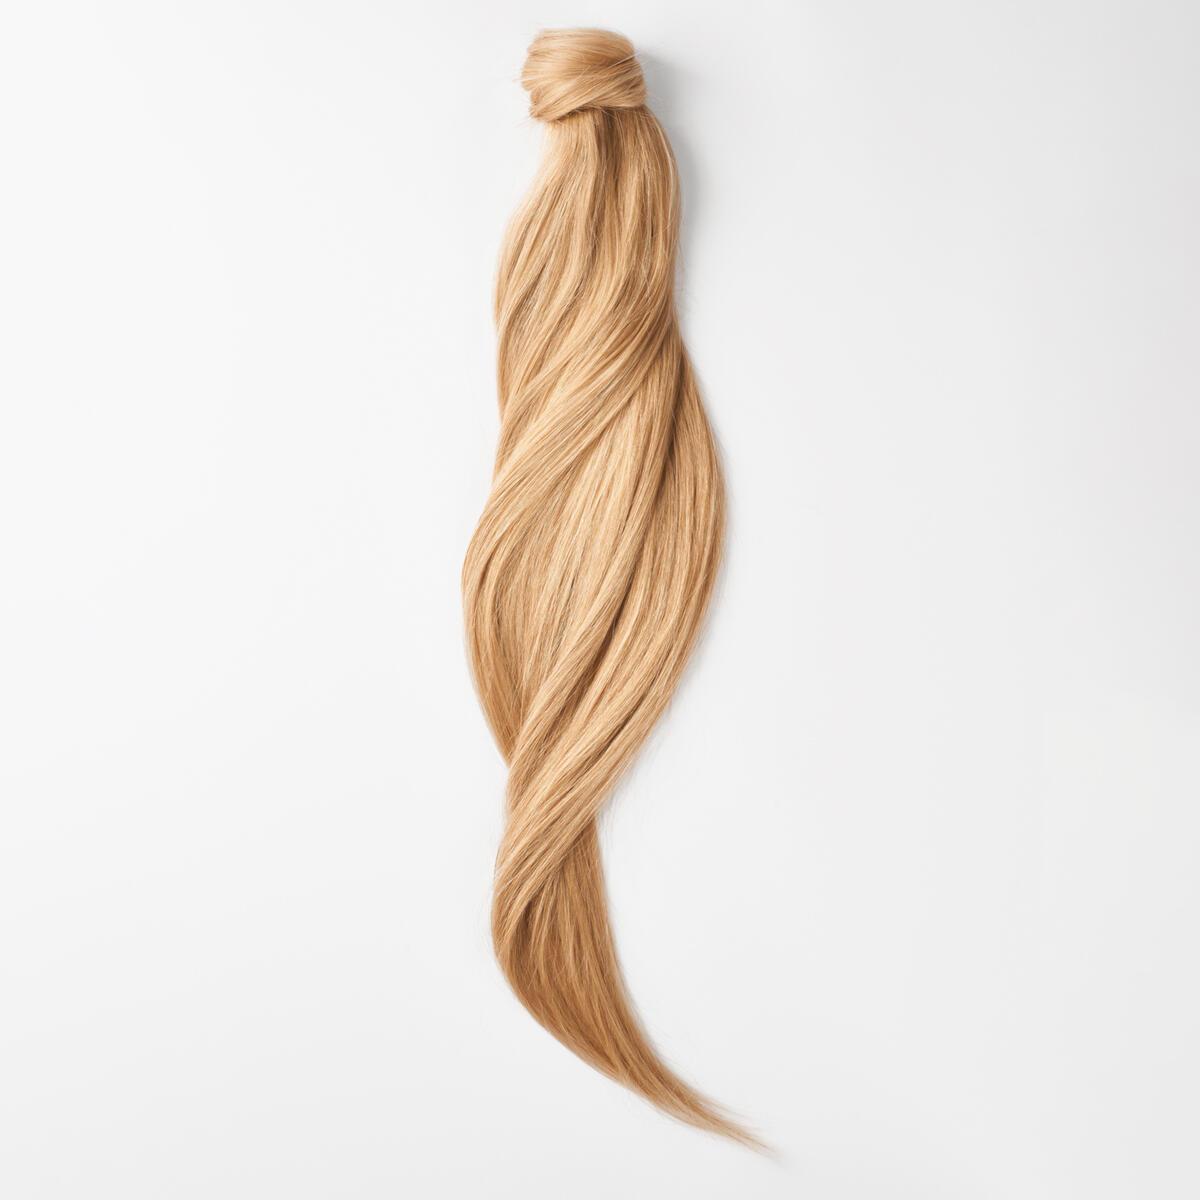 Clip-in Ponytail 7.5 Dark Blonde 50 cm